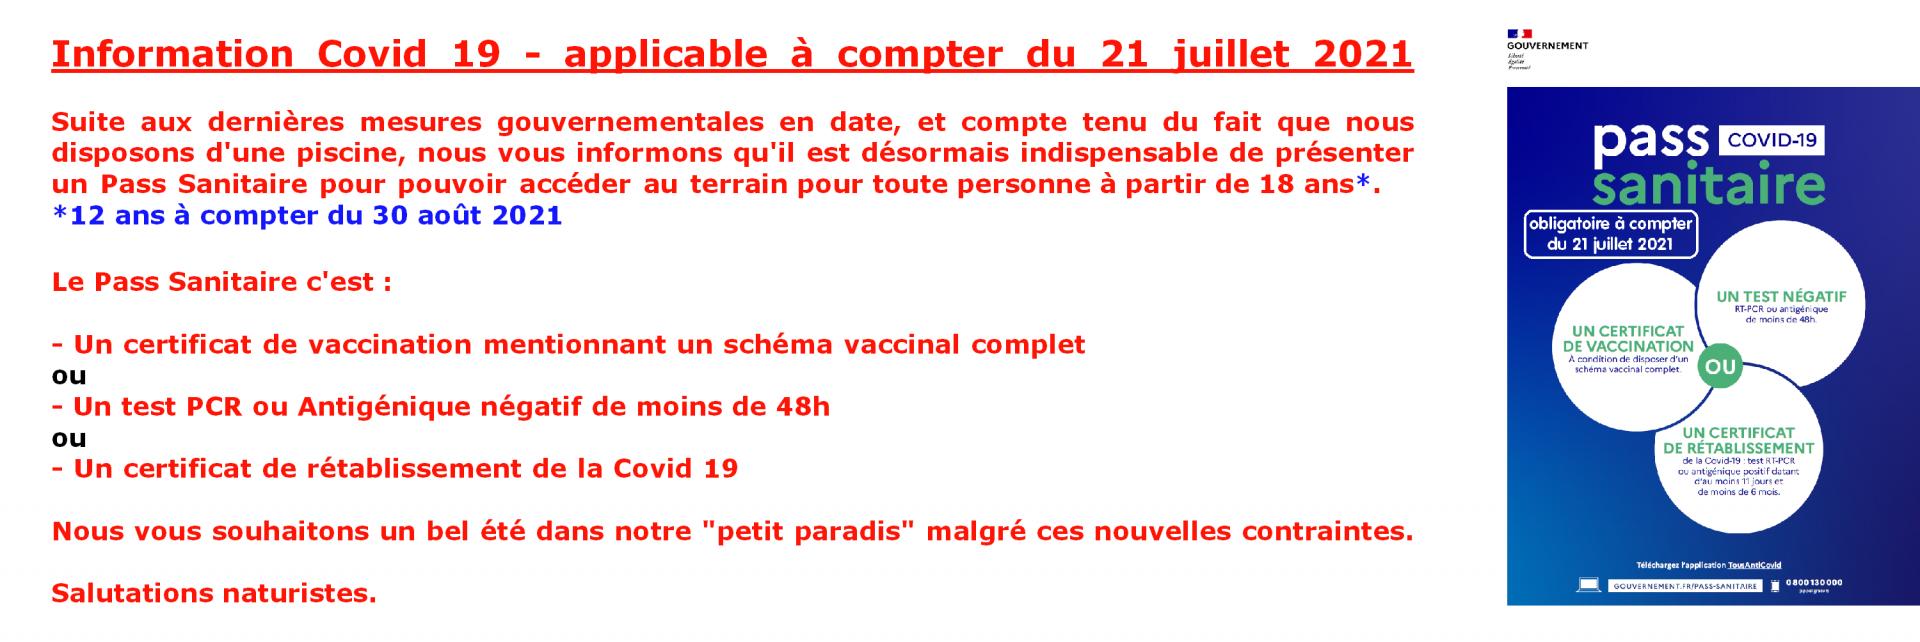 Pass sanitaire2bv3